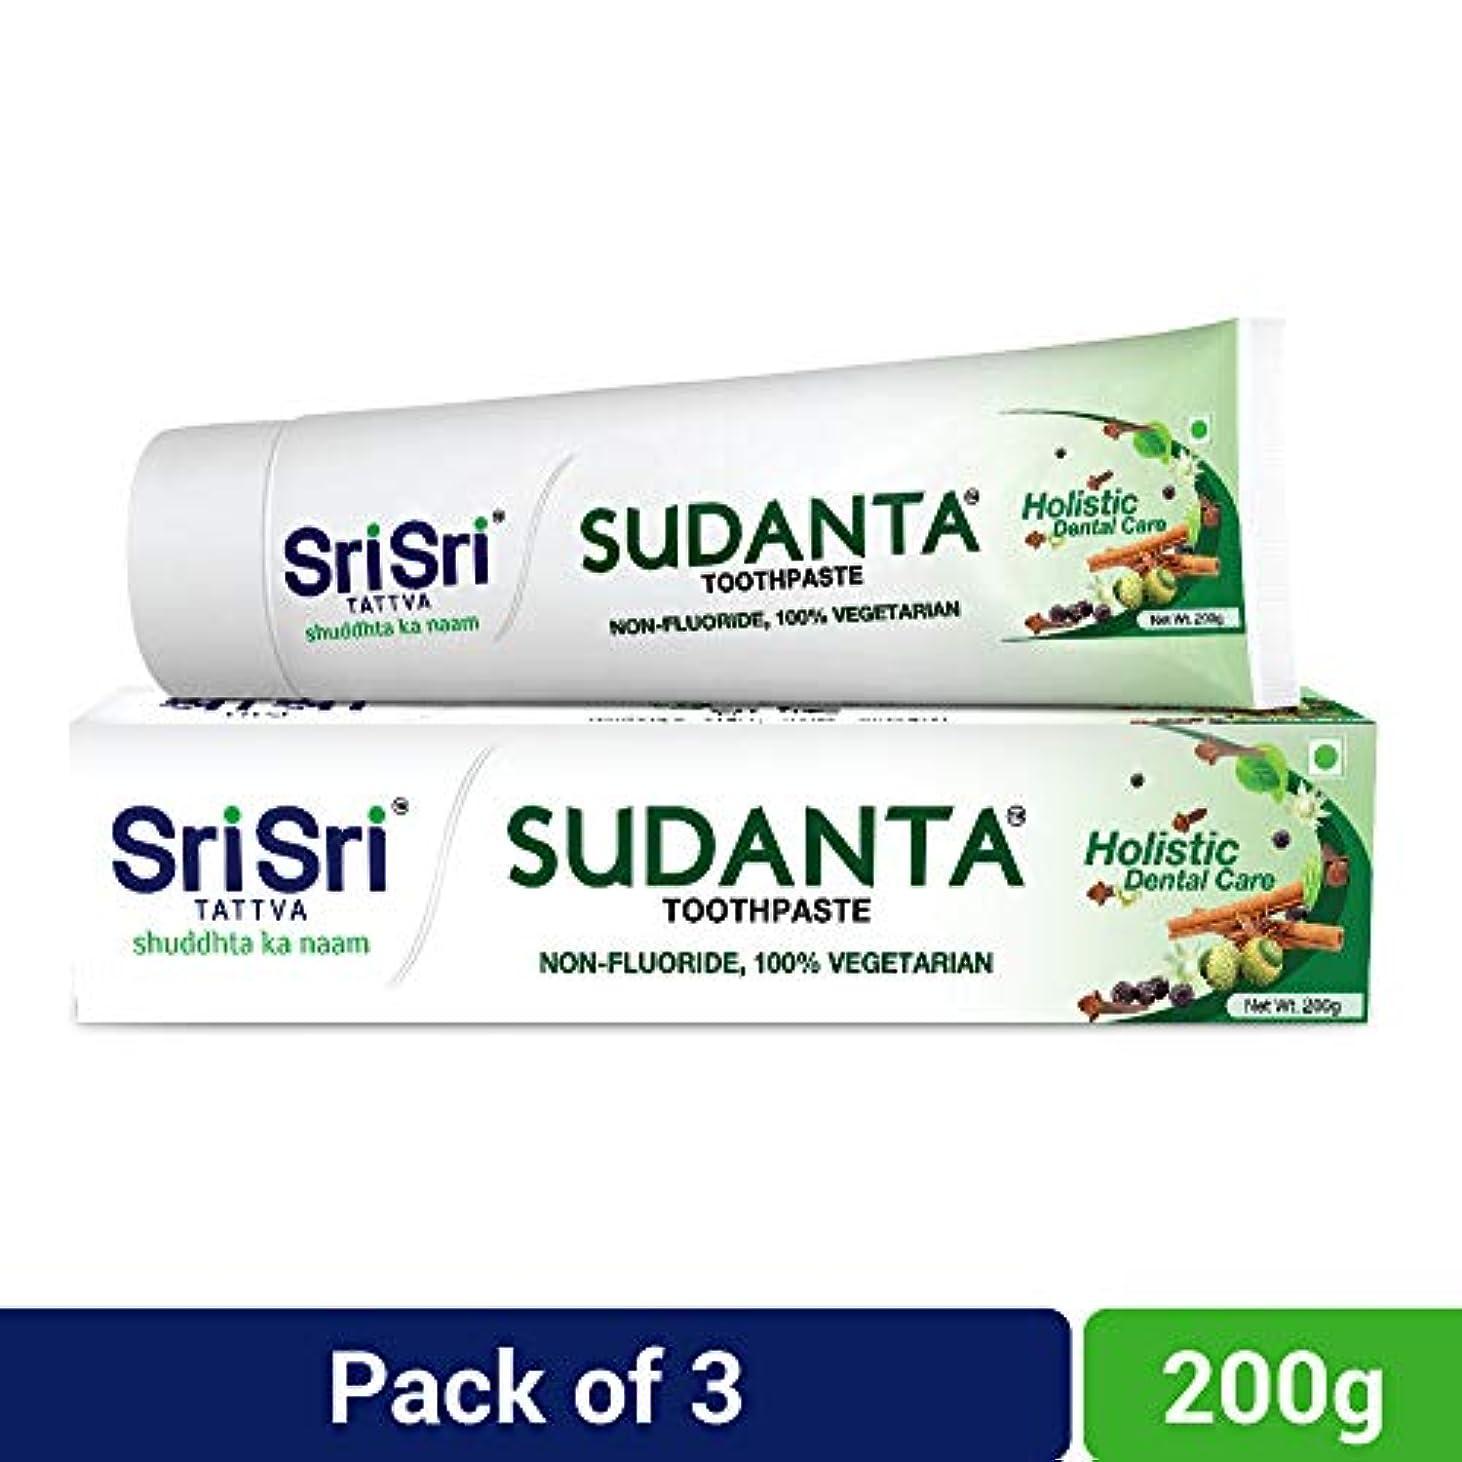 時代遅れ不実特許Sri Sri Tattva Sudanta Toothpaste, 600gm (200gm x Pack of 3)